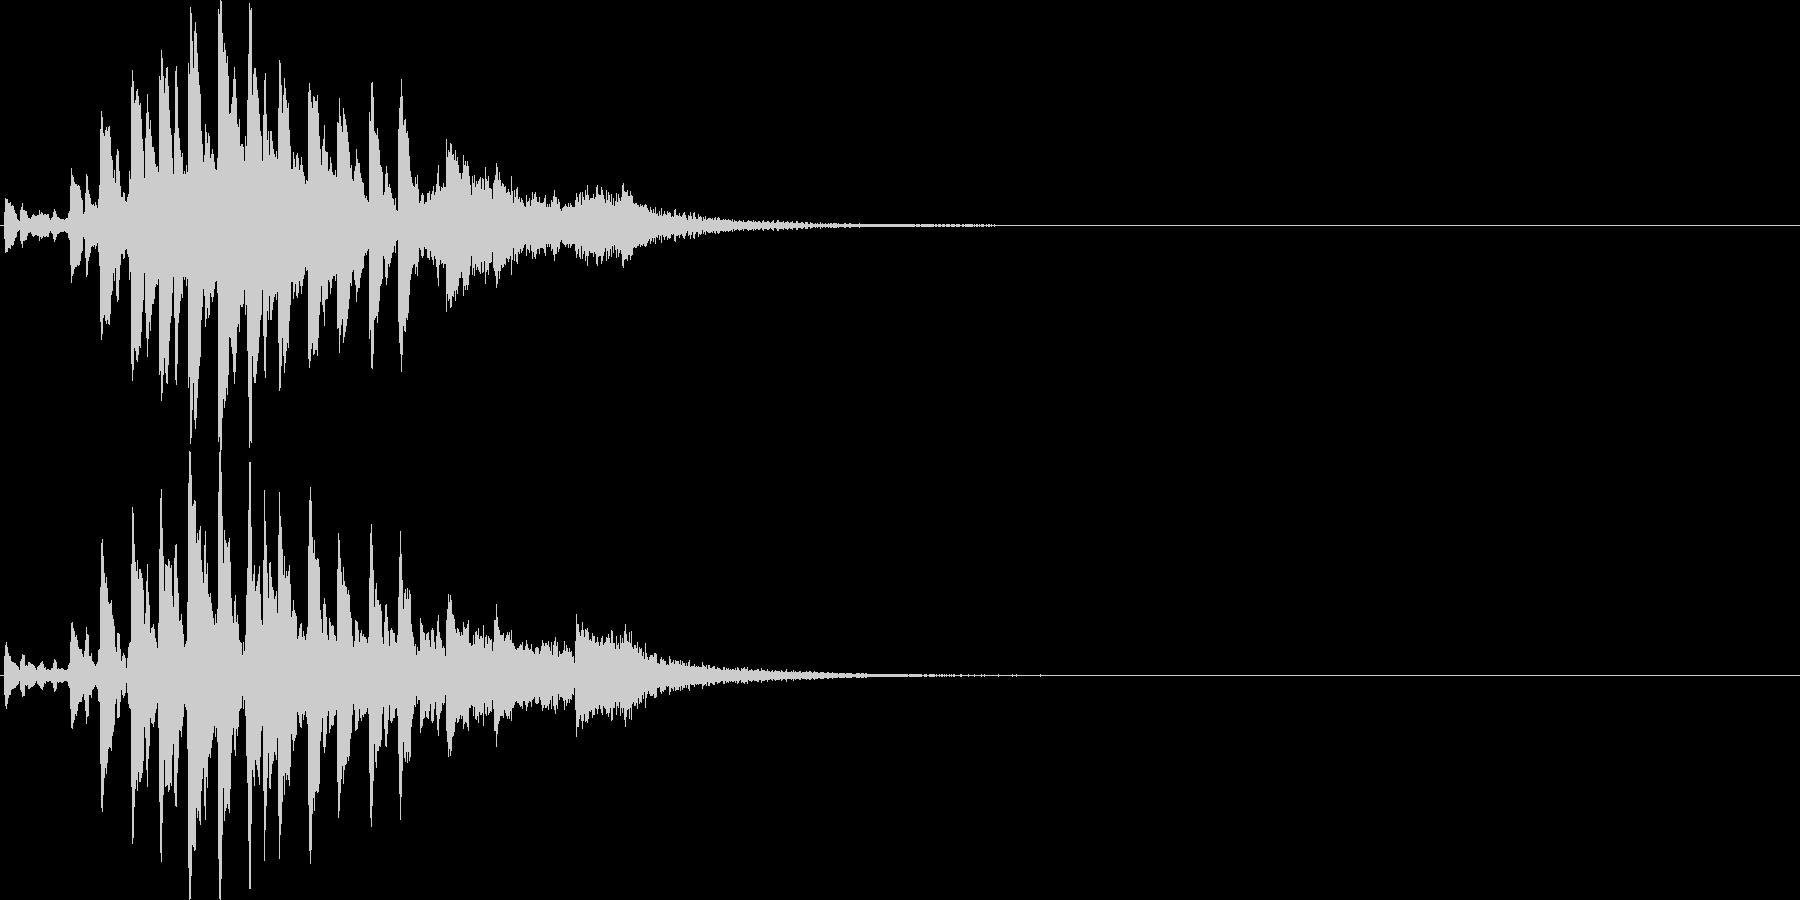 テケテケテケ…テレレレ…琴の単発フレーズの未再生の波形